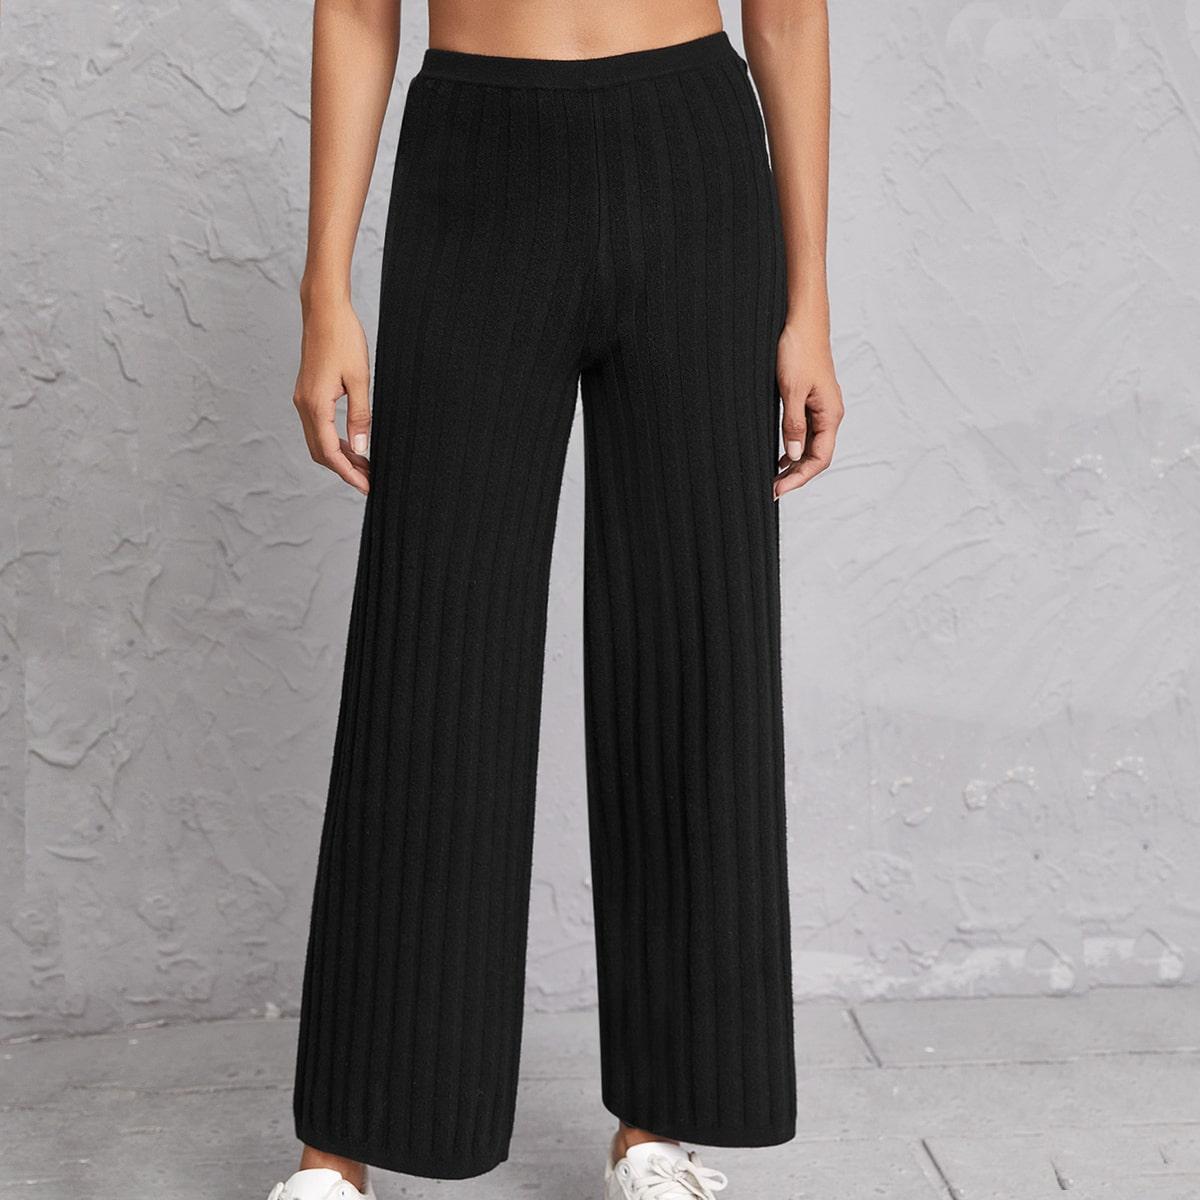 Вязаные брюки в рубчик с эластичной талией